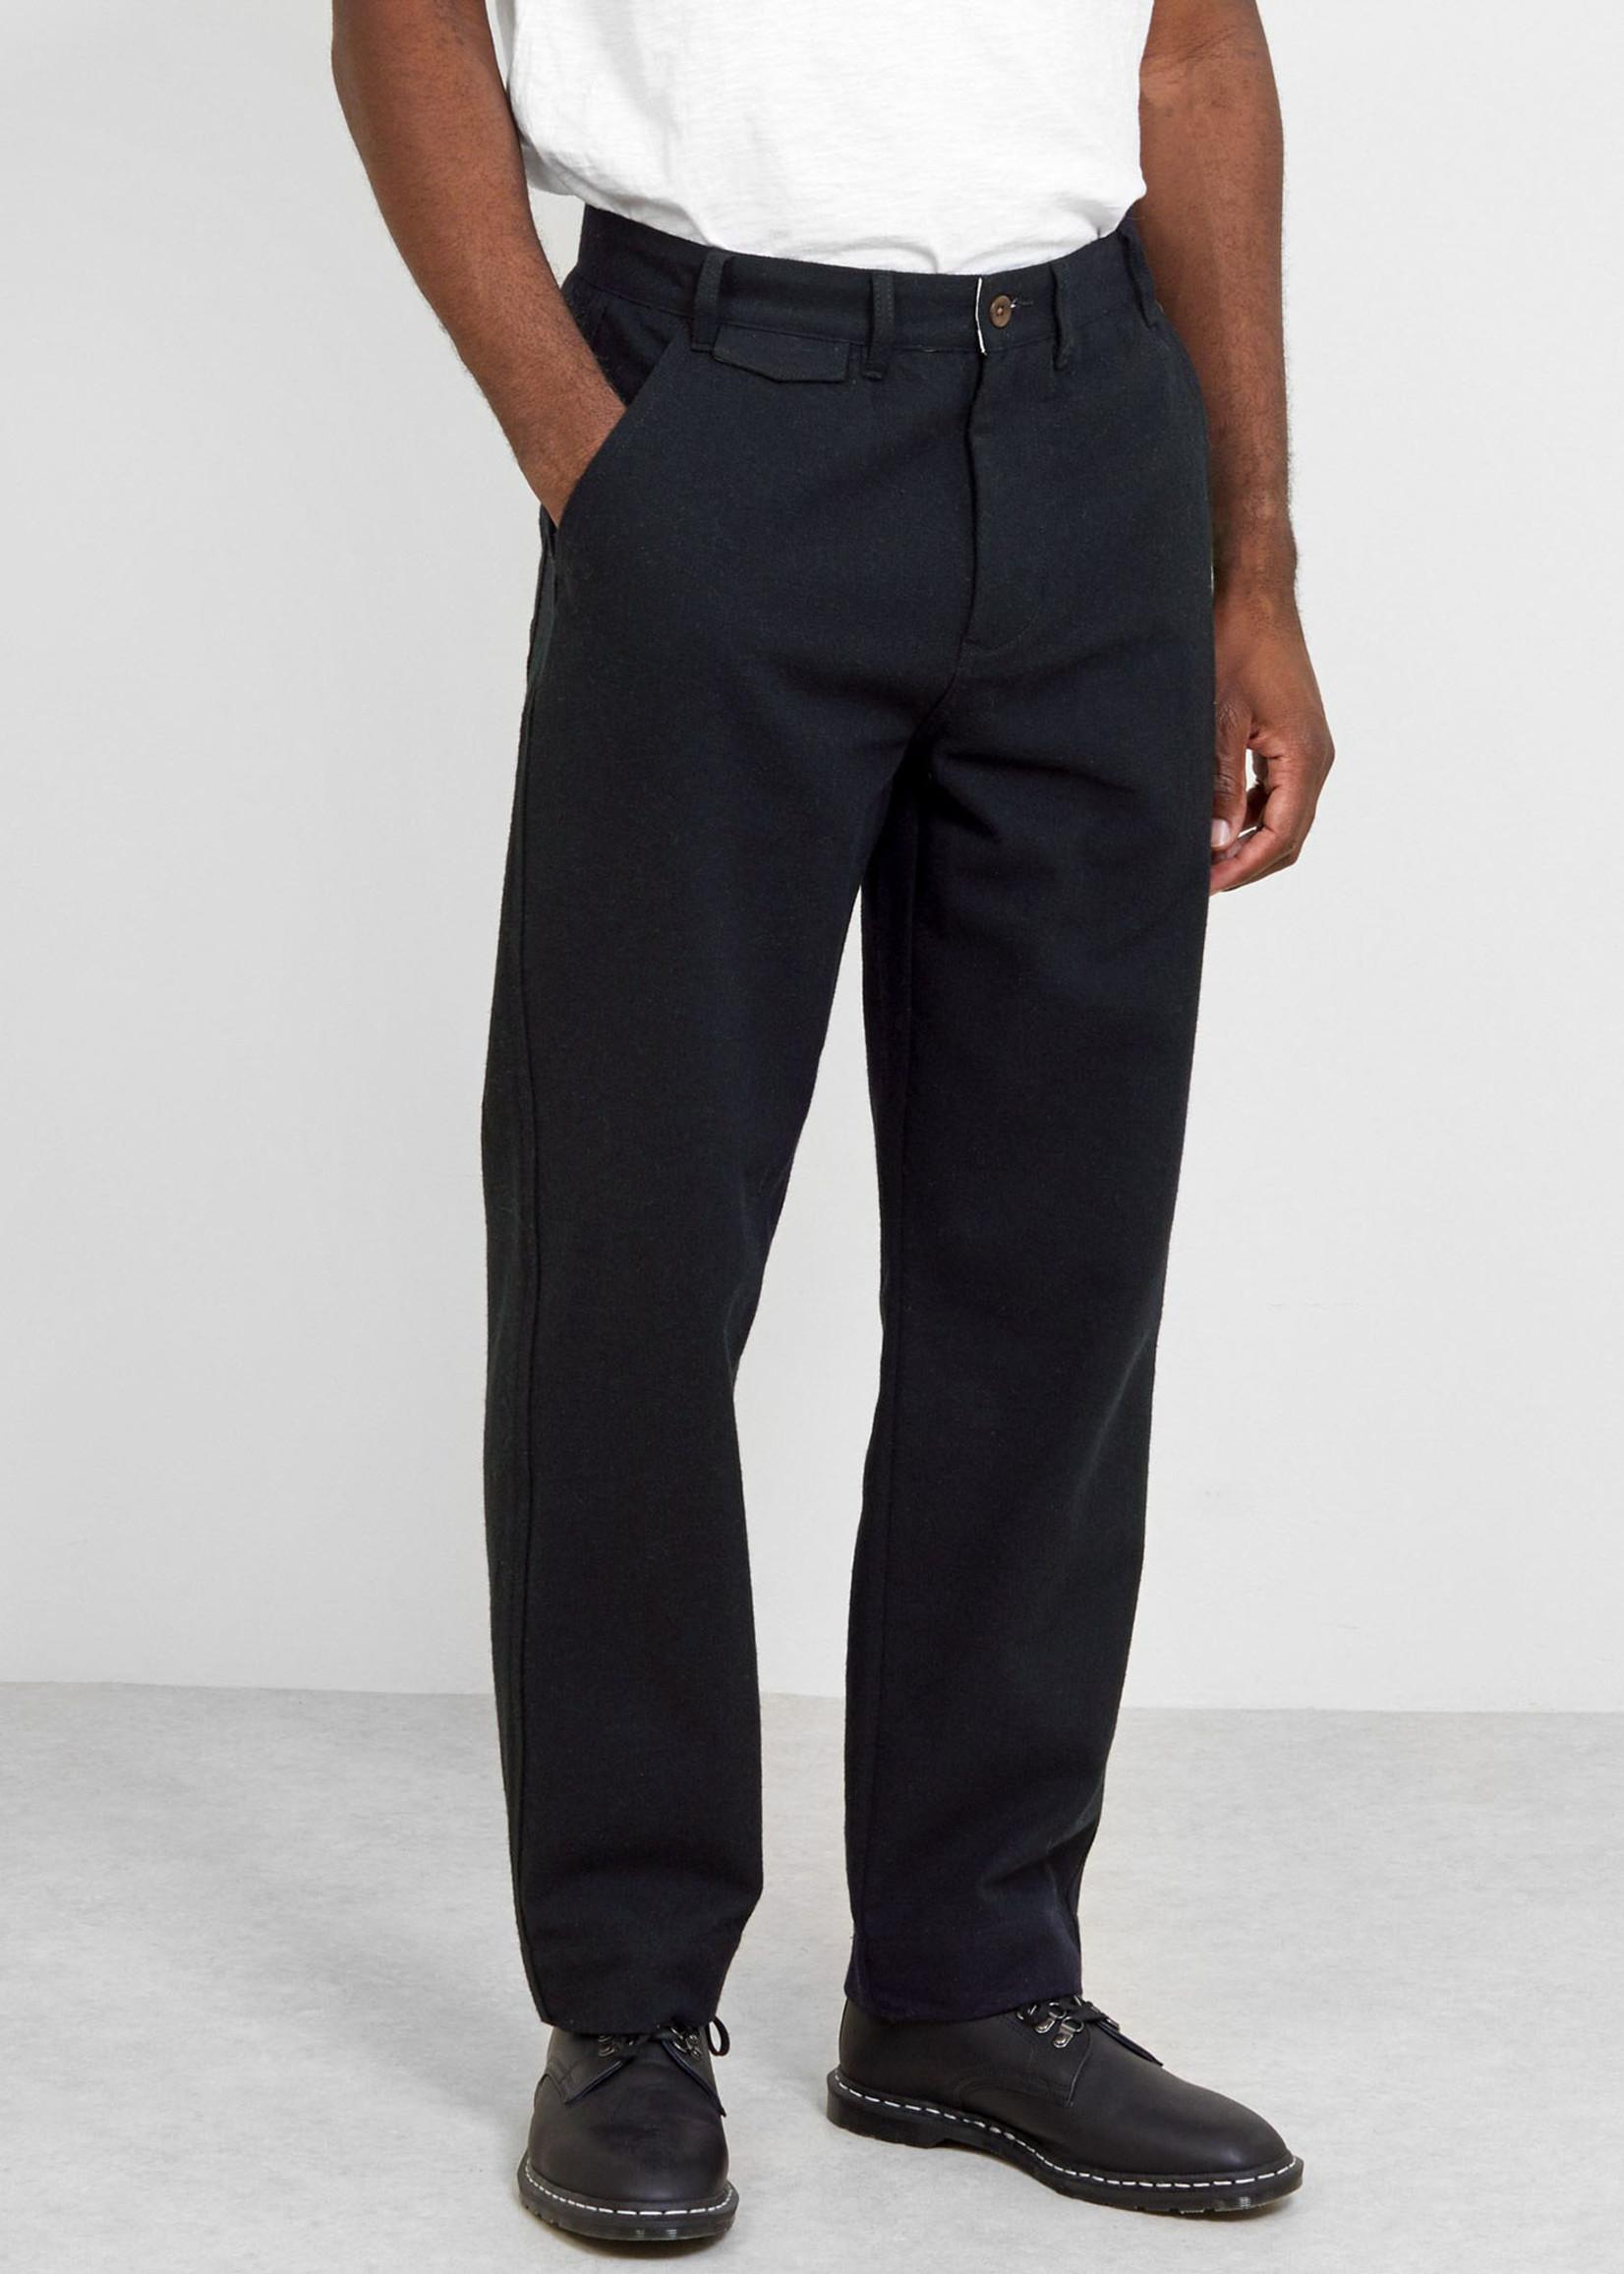 GarbStore Work Chino Navy Cotton/Wool Herringbone by Garbstore